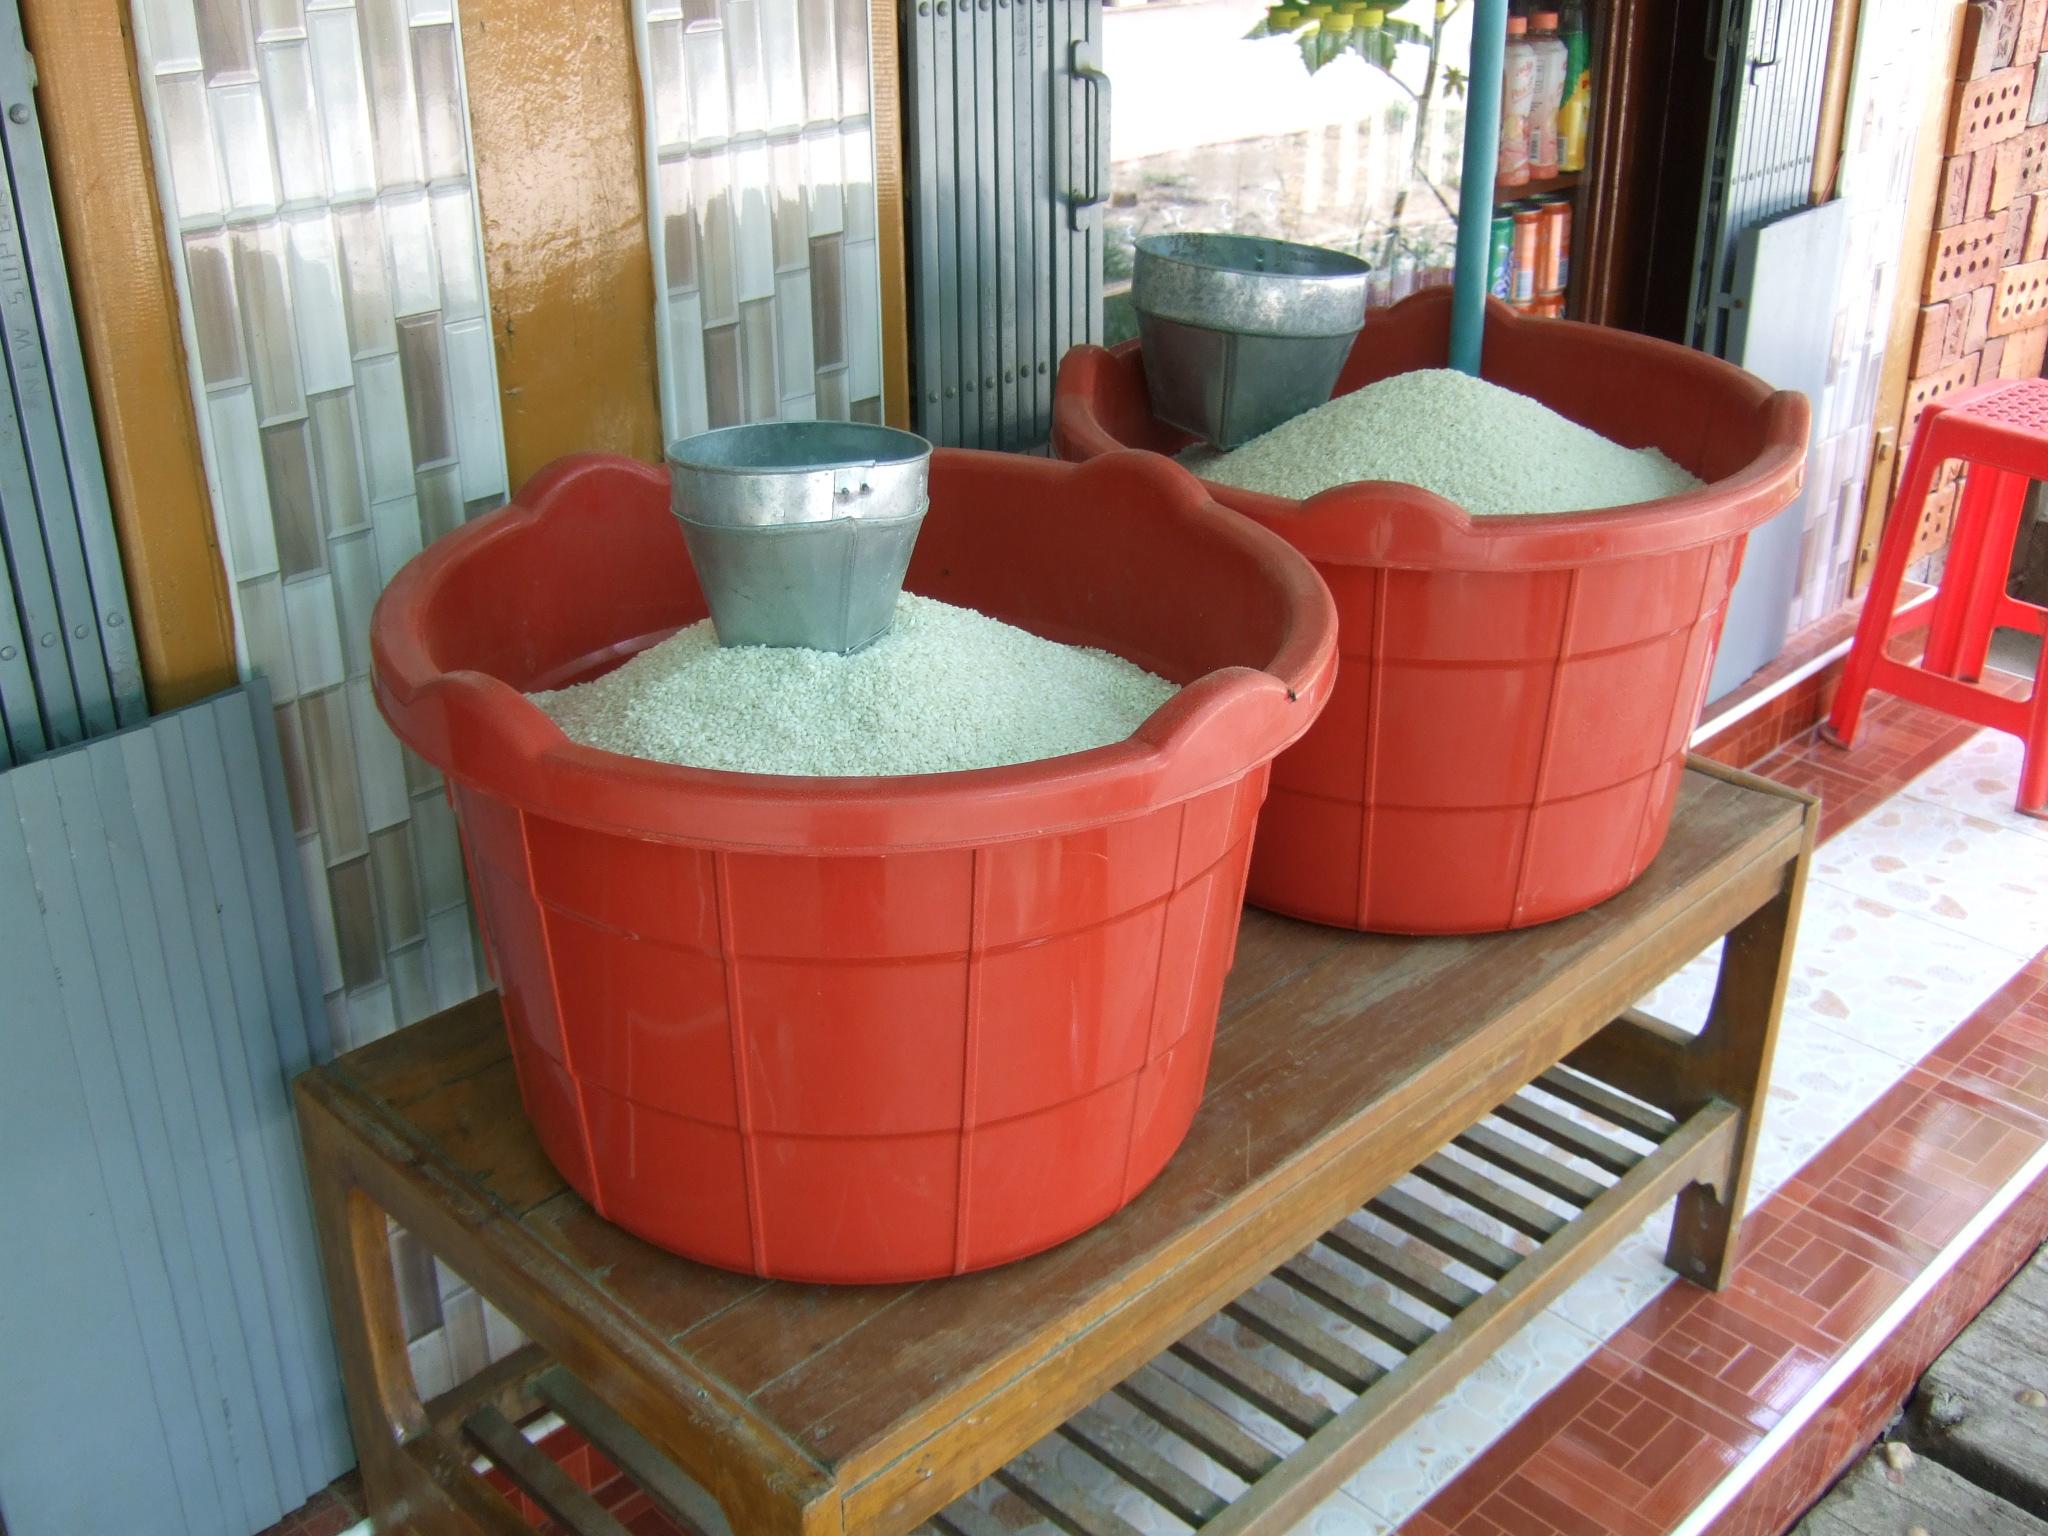 ミャンマーの雑貨屋で売られているお米